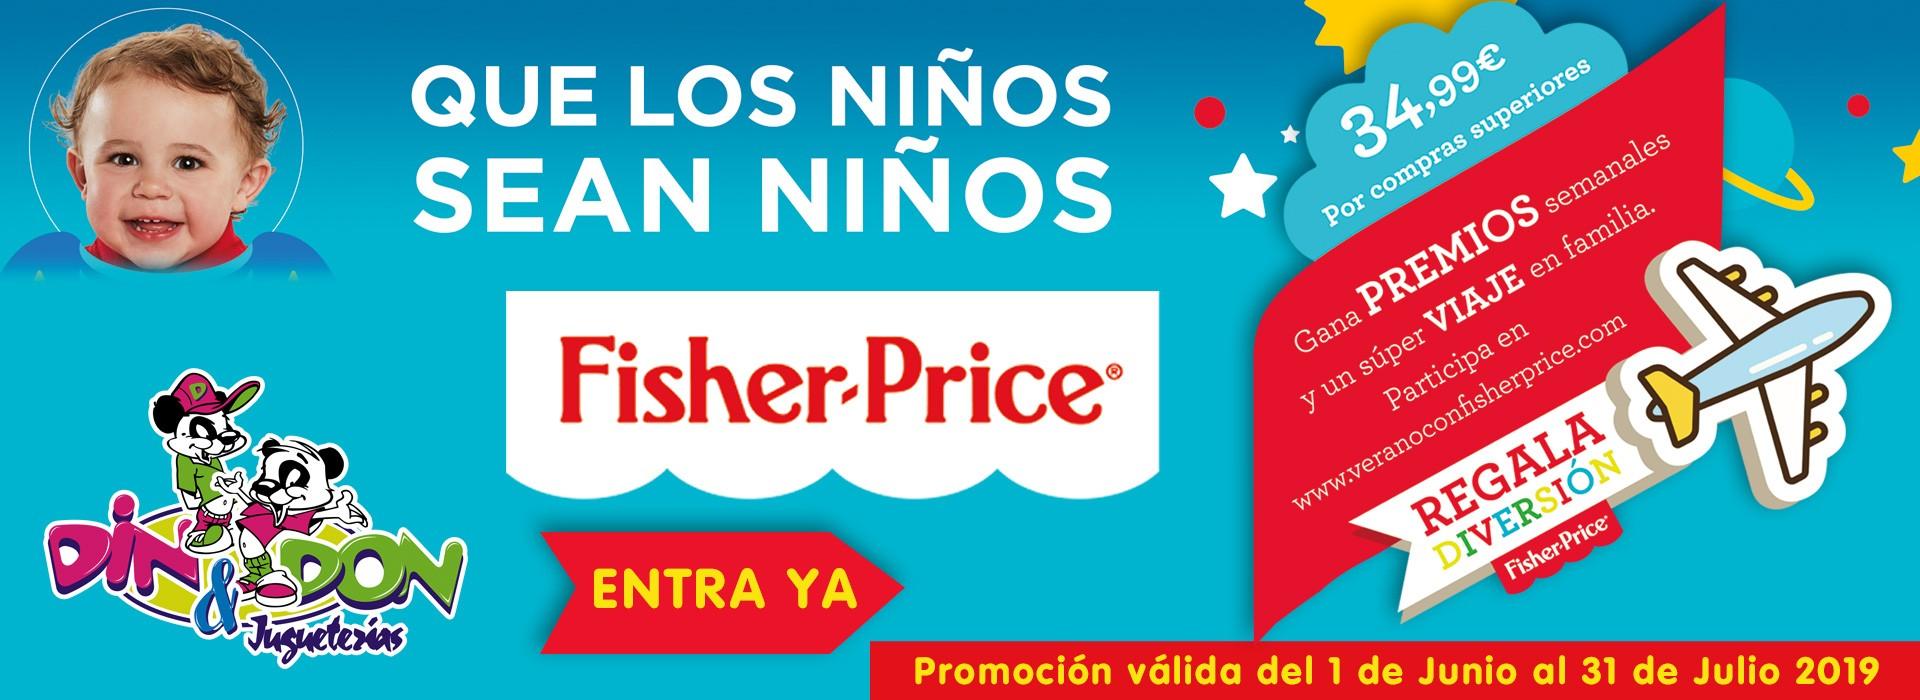 PROMOCIÓN FISHER PRICE VERANO